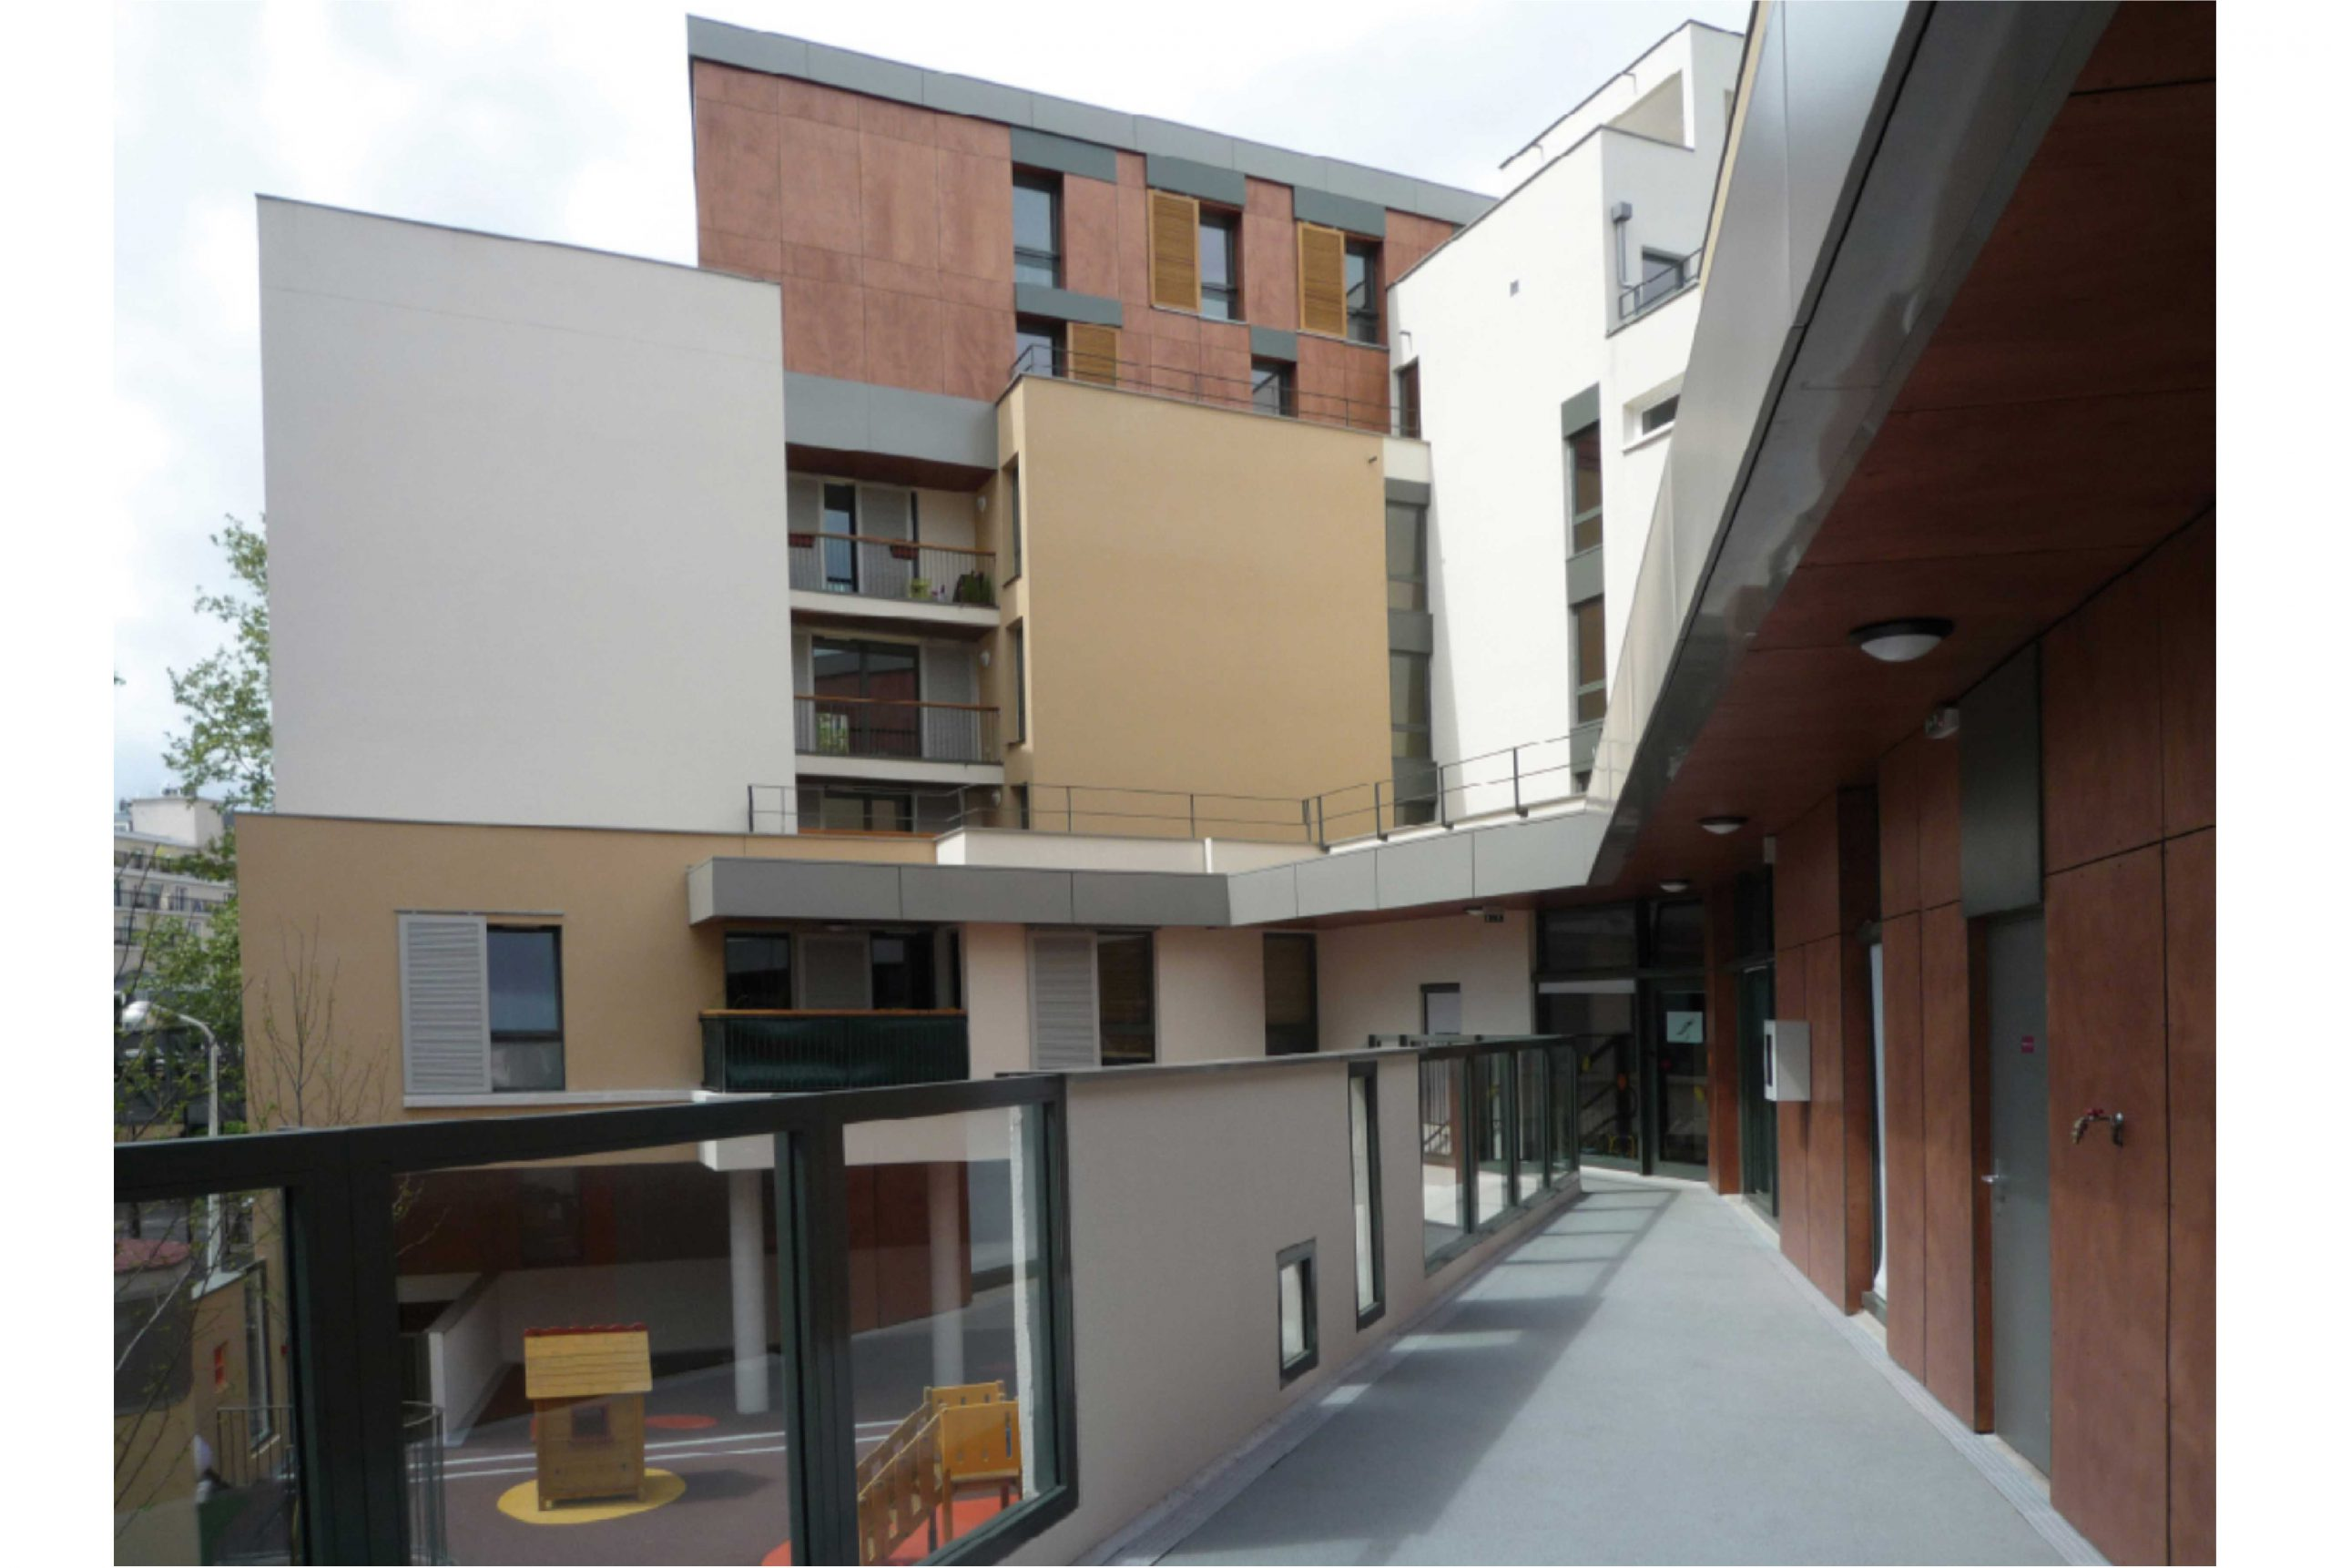 Projet logement Villette logements 3 par Atelier JS Tabet